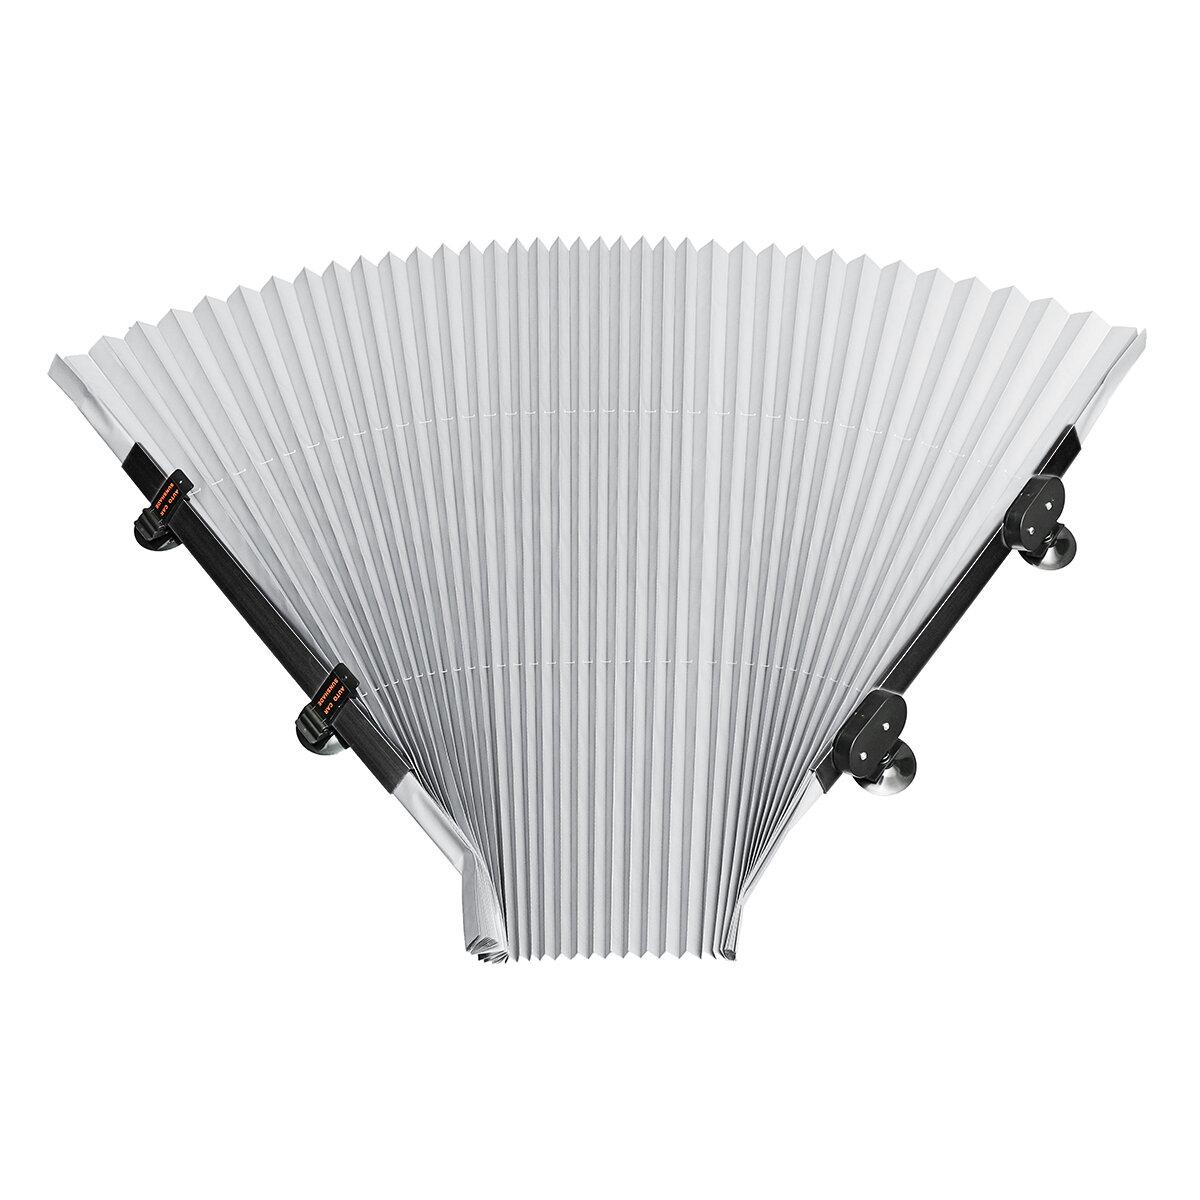 Cubierta de bloque de parabrisas automático plegable Coche Ventana frontal retráctil parasol